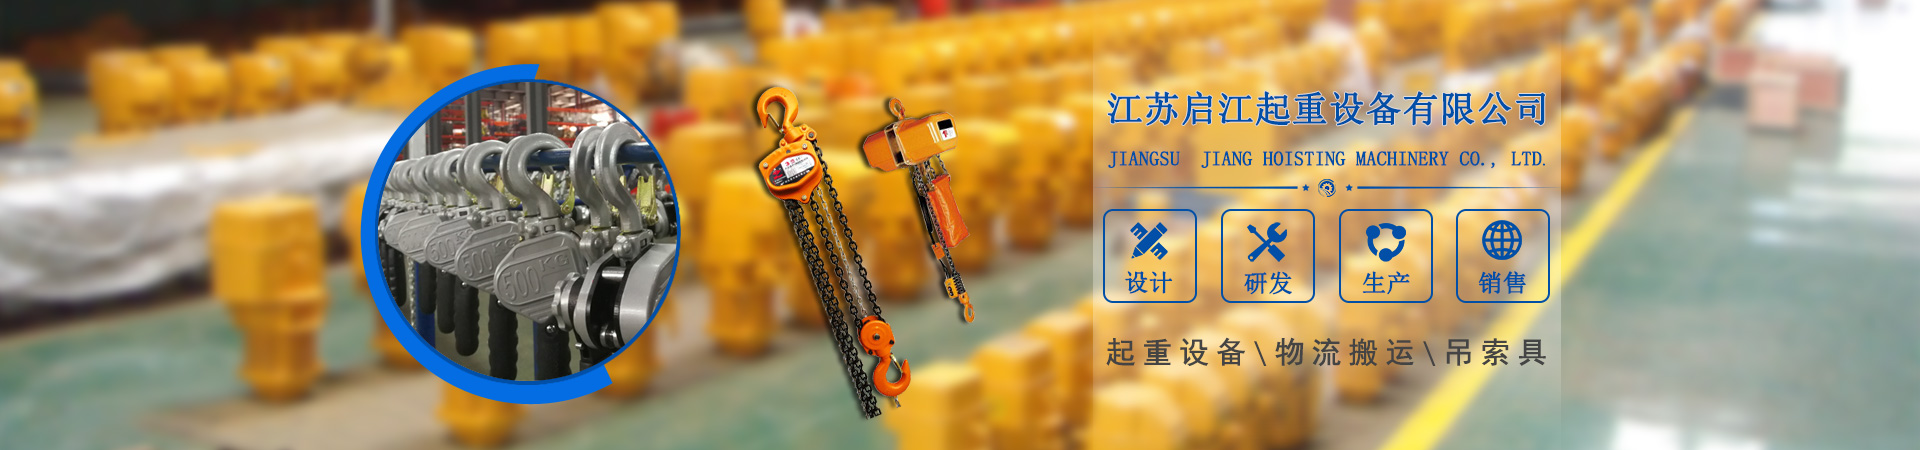 江sujiuwu至尊娱乐4起重设备有xian公司